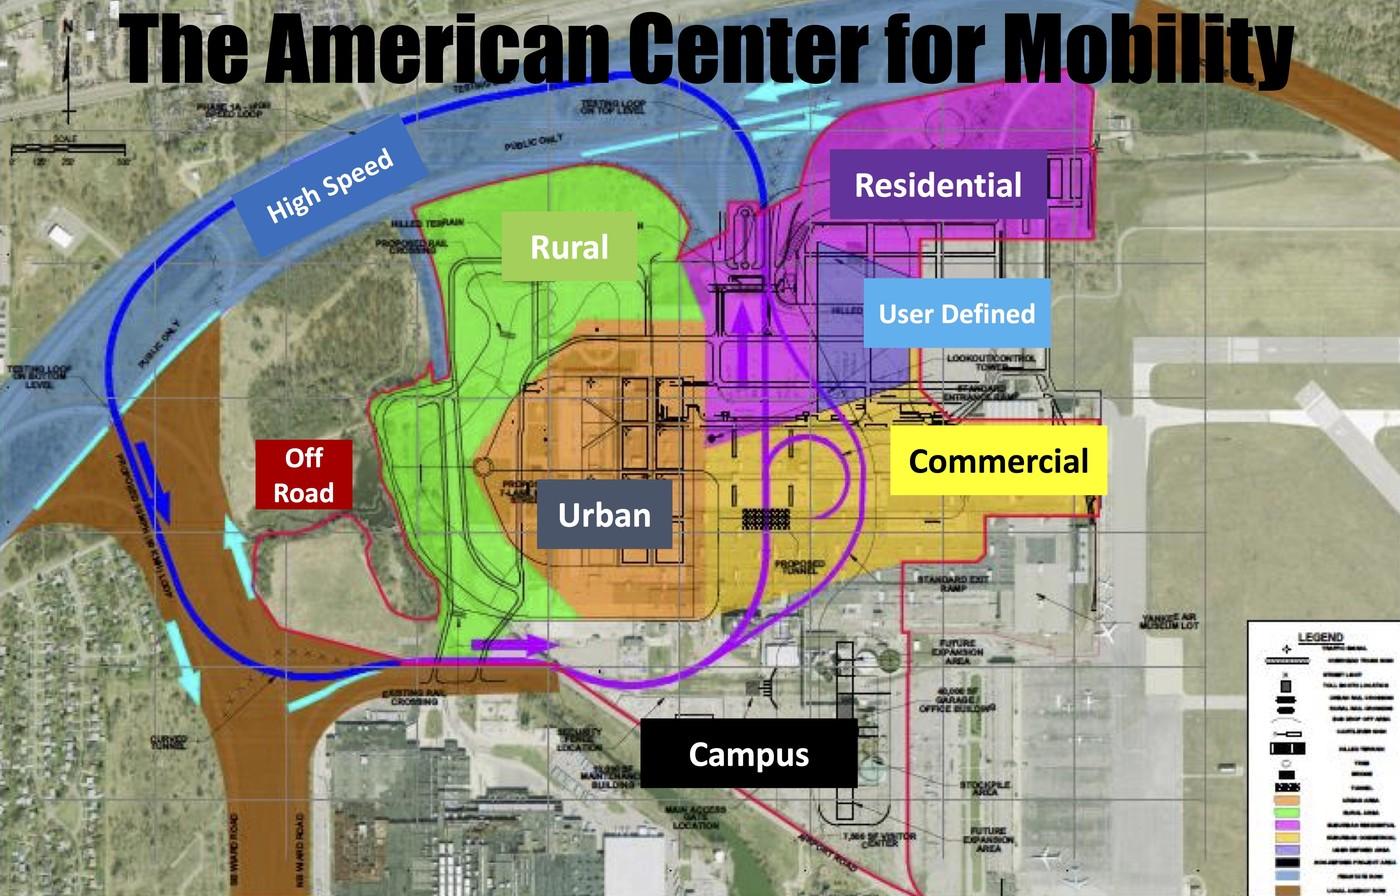 密西根州自動駕駛示範區正式動土,提供車廠模擬各種路況、氣候與場景